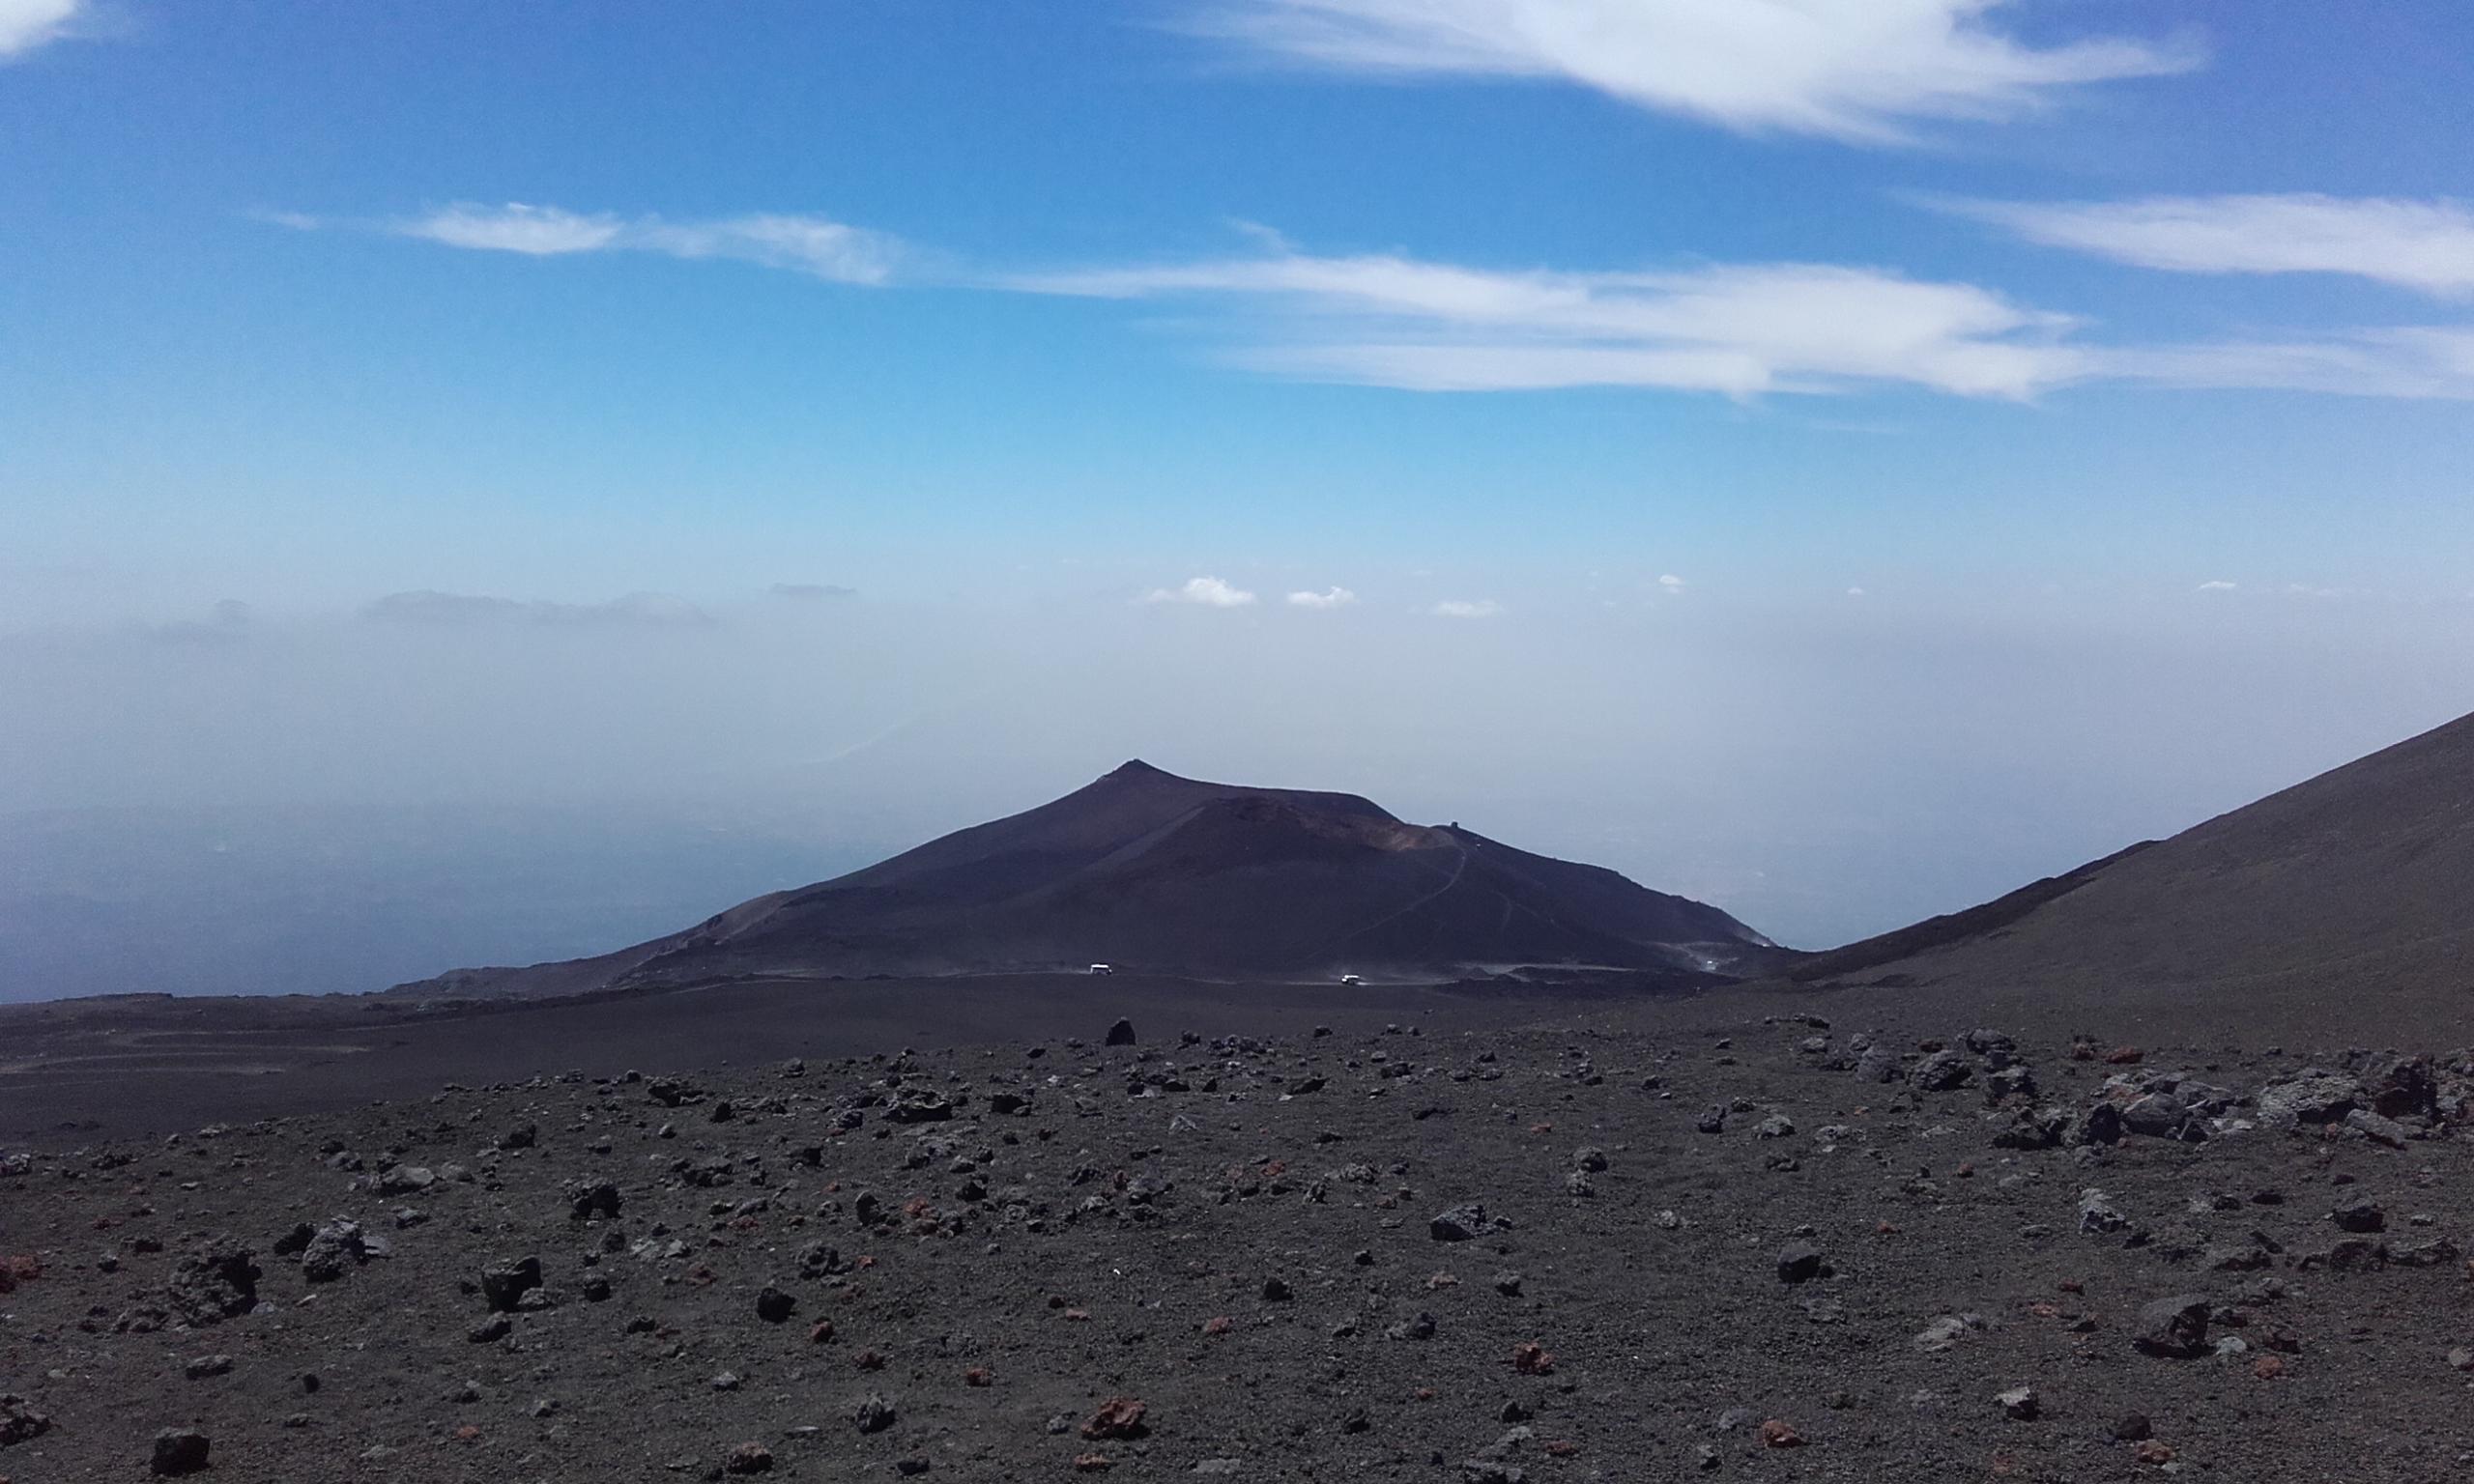 Uno de los cráteres del Etna en la lejanía